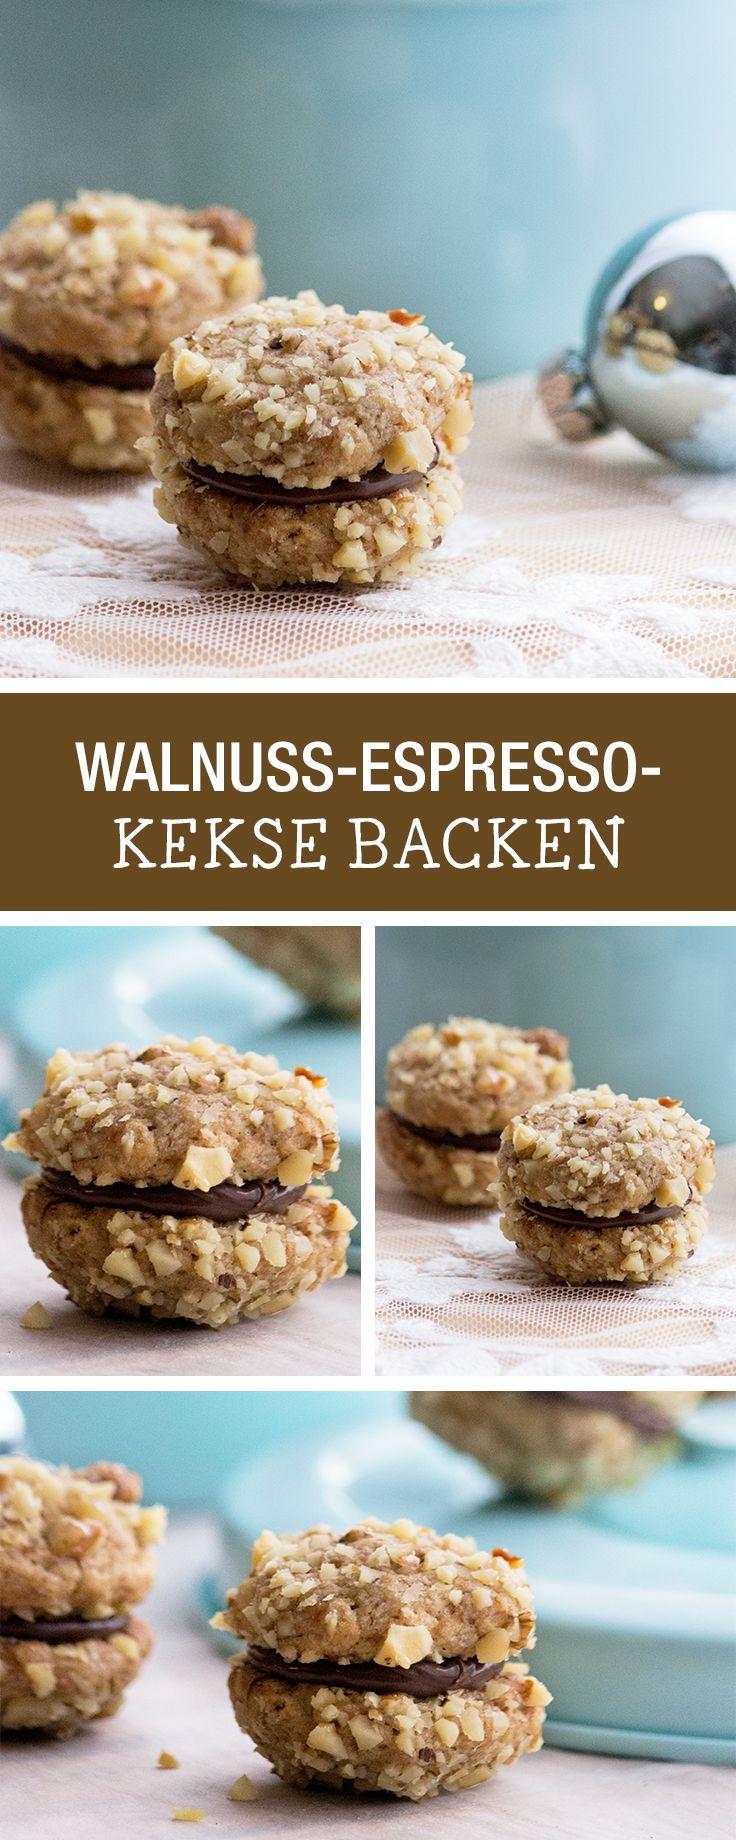 Leckere Kekse mit Walnuss und Espresso backen / cookie recipe: walnut espresso biscuits via DaWanda.com